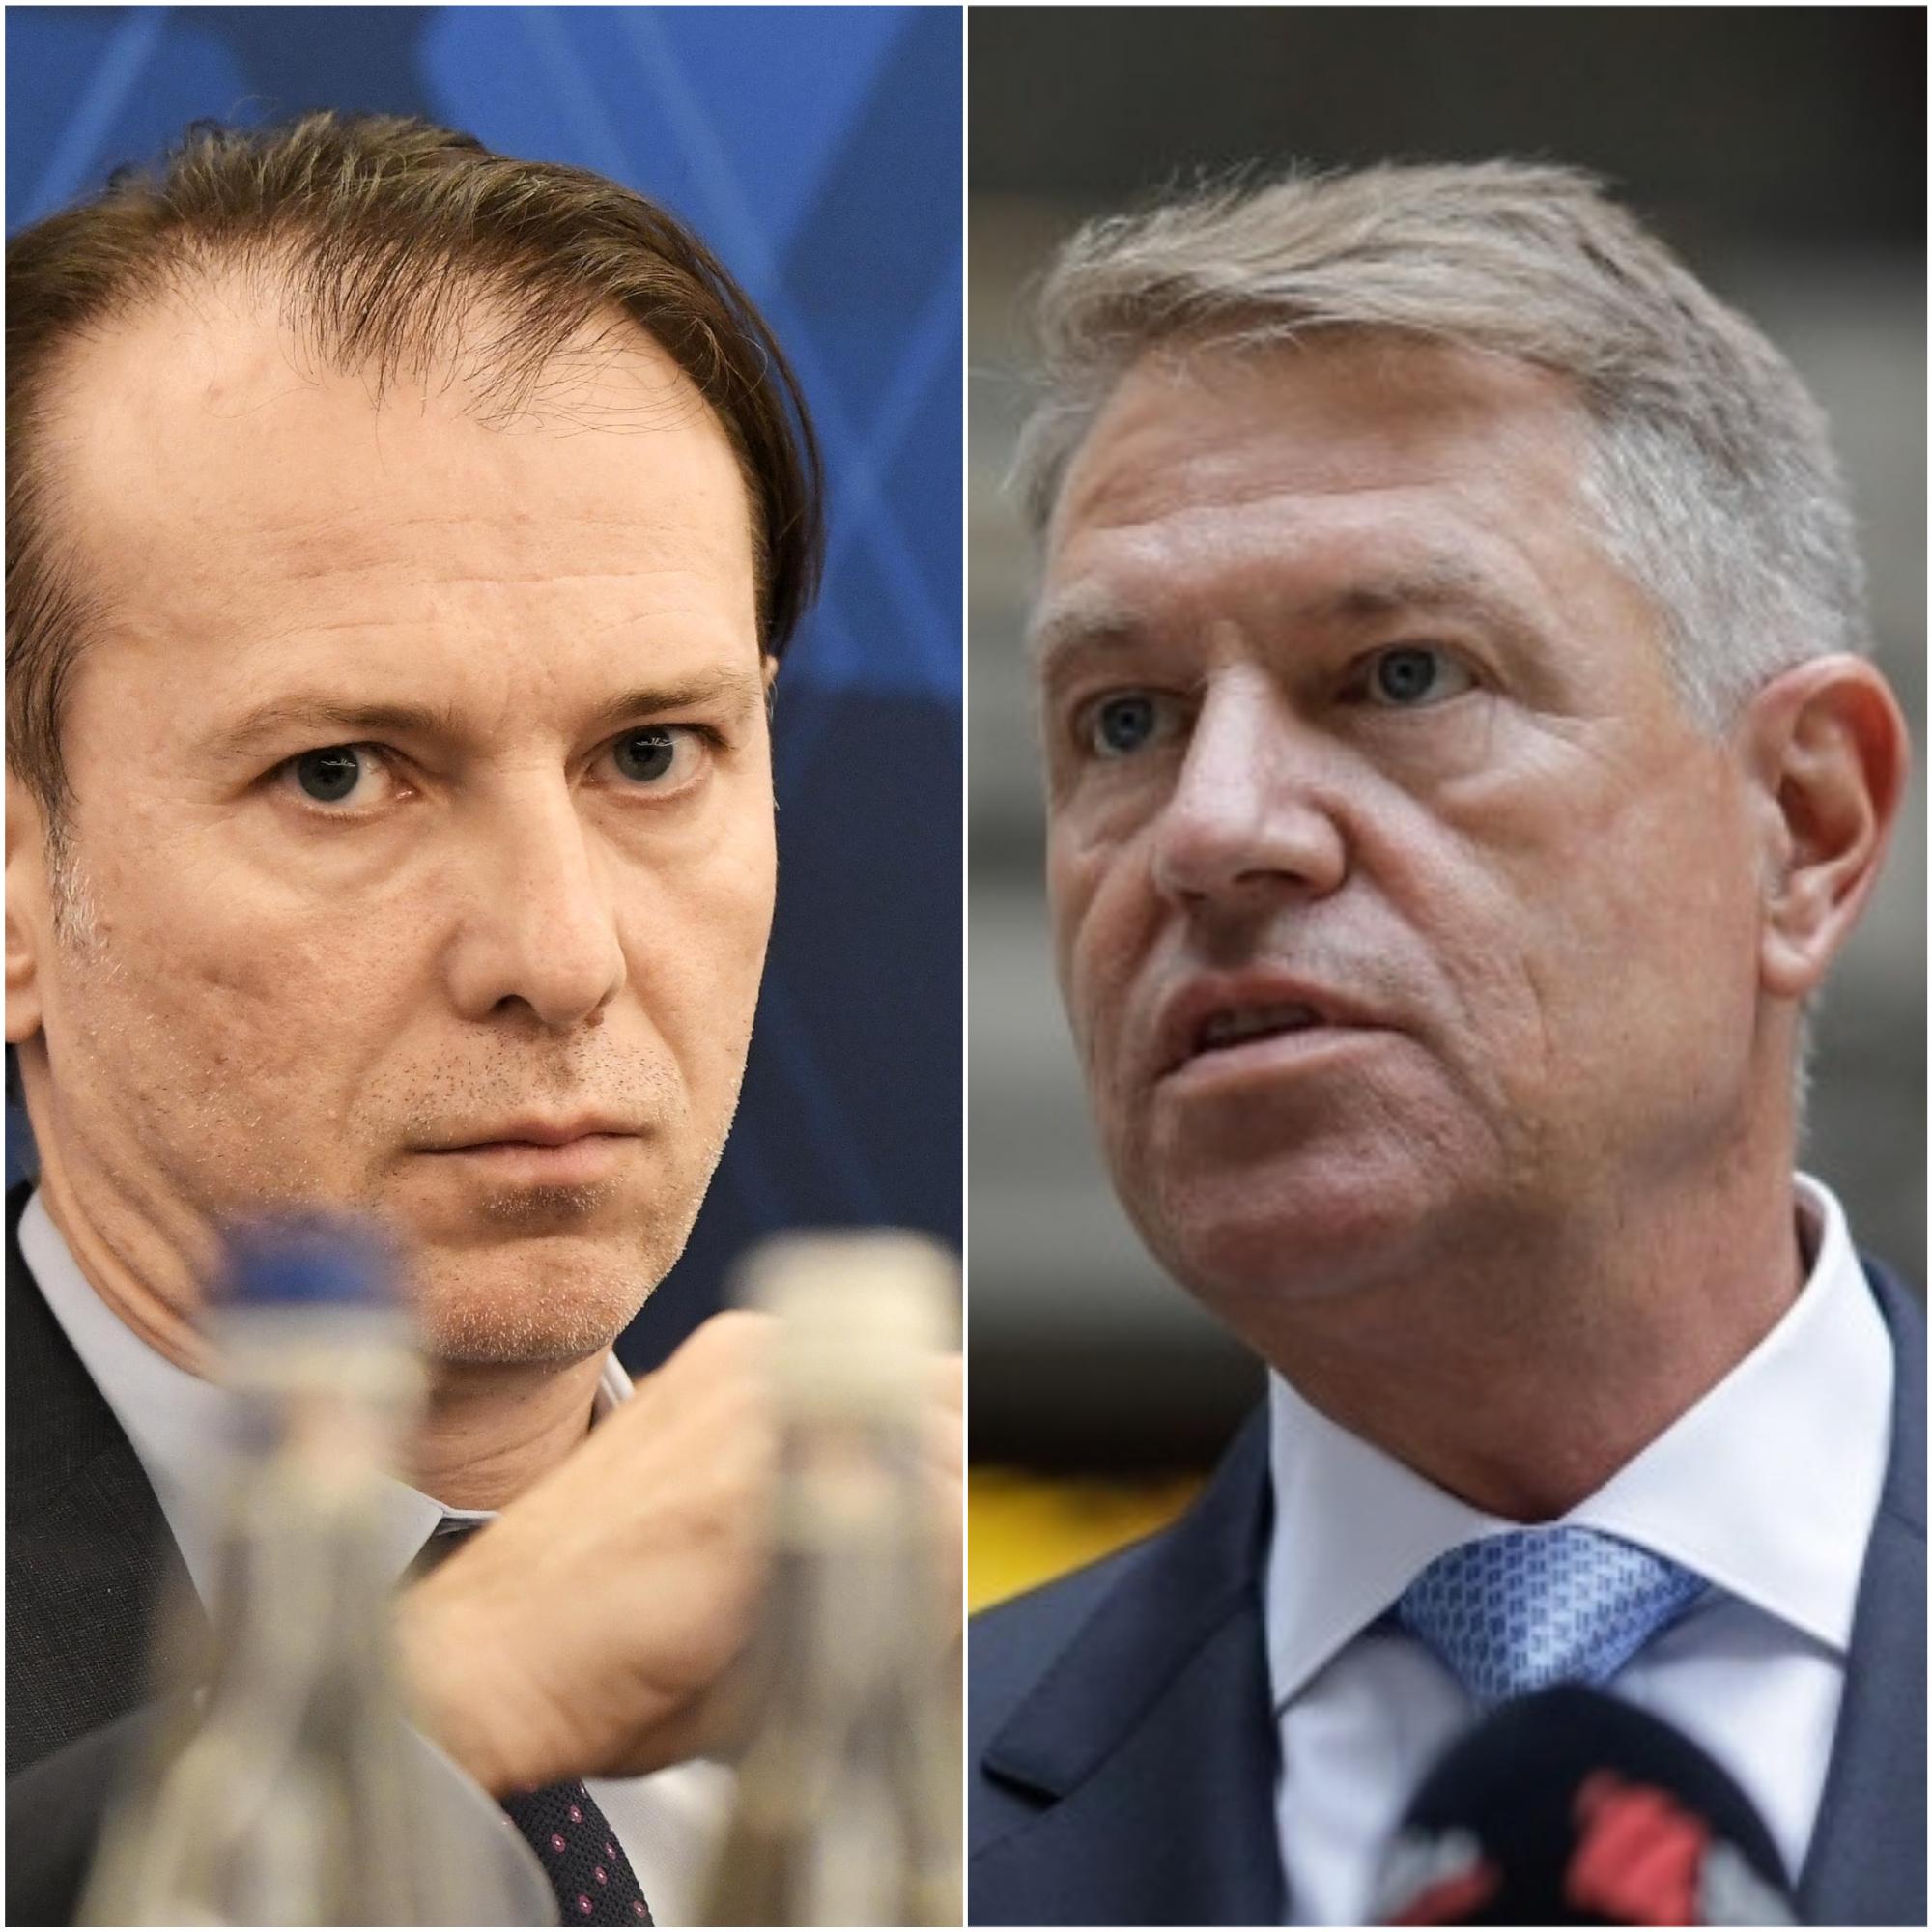 BREAKING | Klaus Iohannis se întâlnește cu Florin Cîțu la Palatul Cotroceni, să vadă cum o scot la capăt cu balamucul politic de la Palatul Victoria